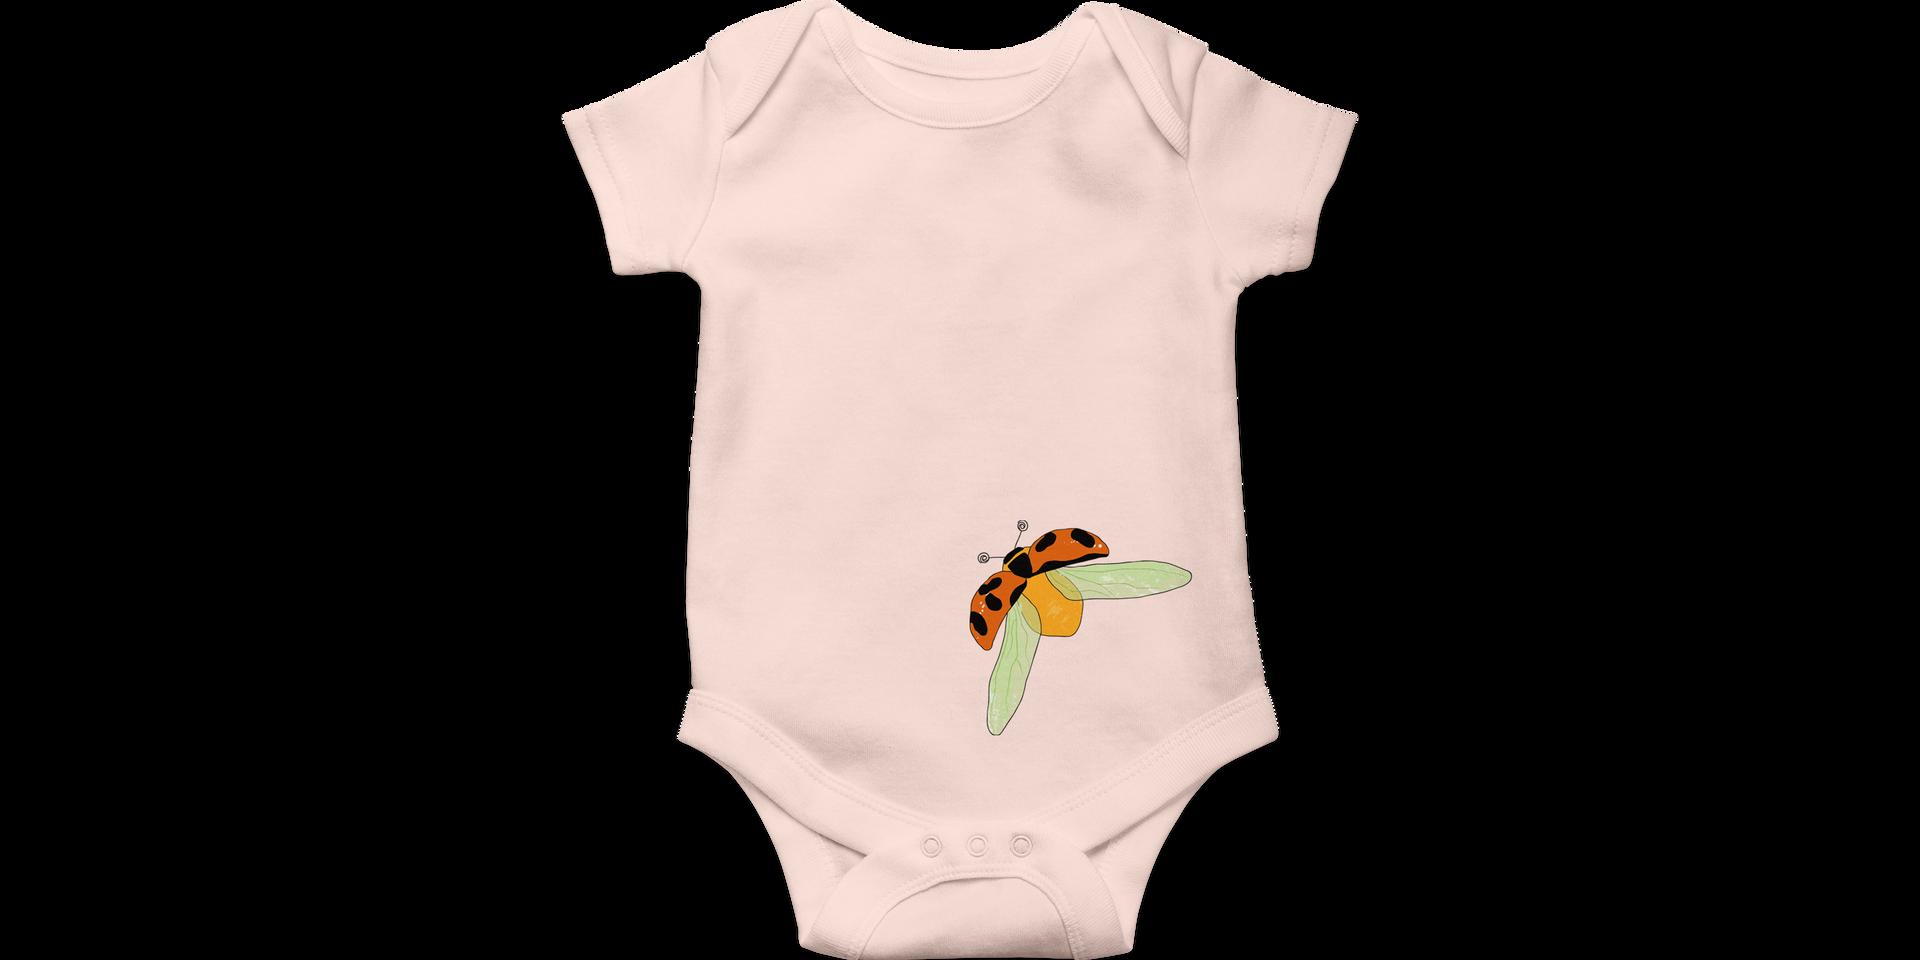 Free Baby Onesie Mockup 8.png